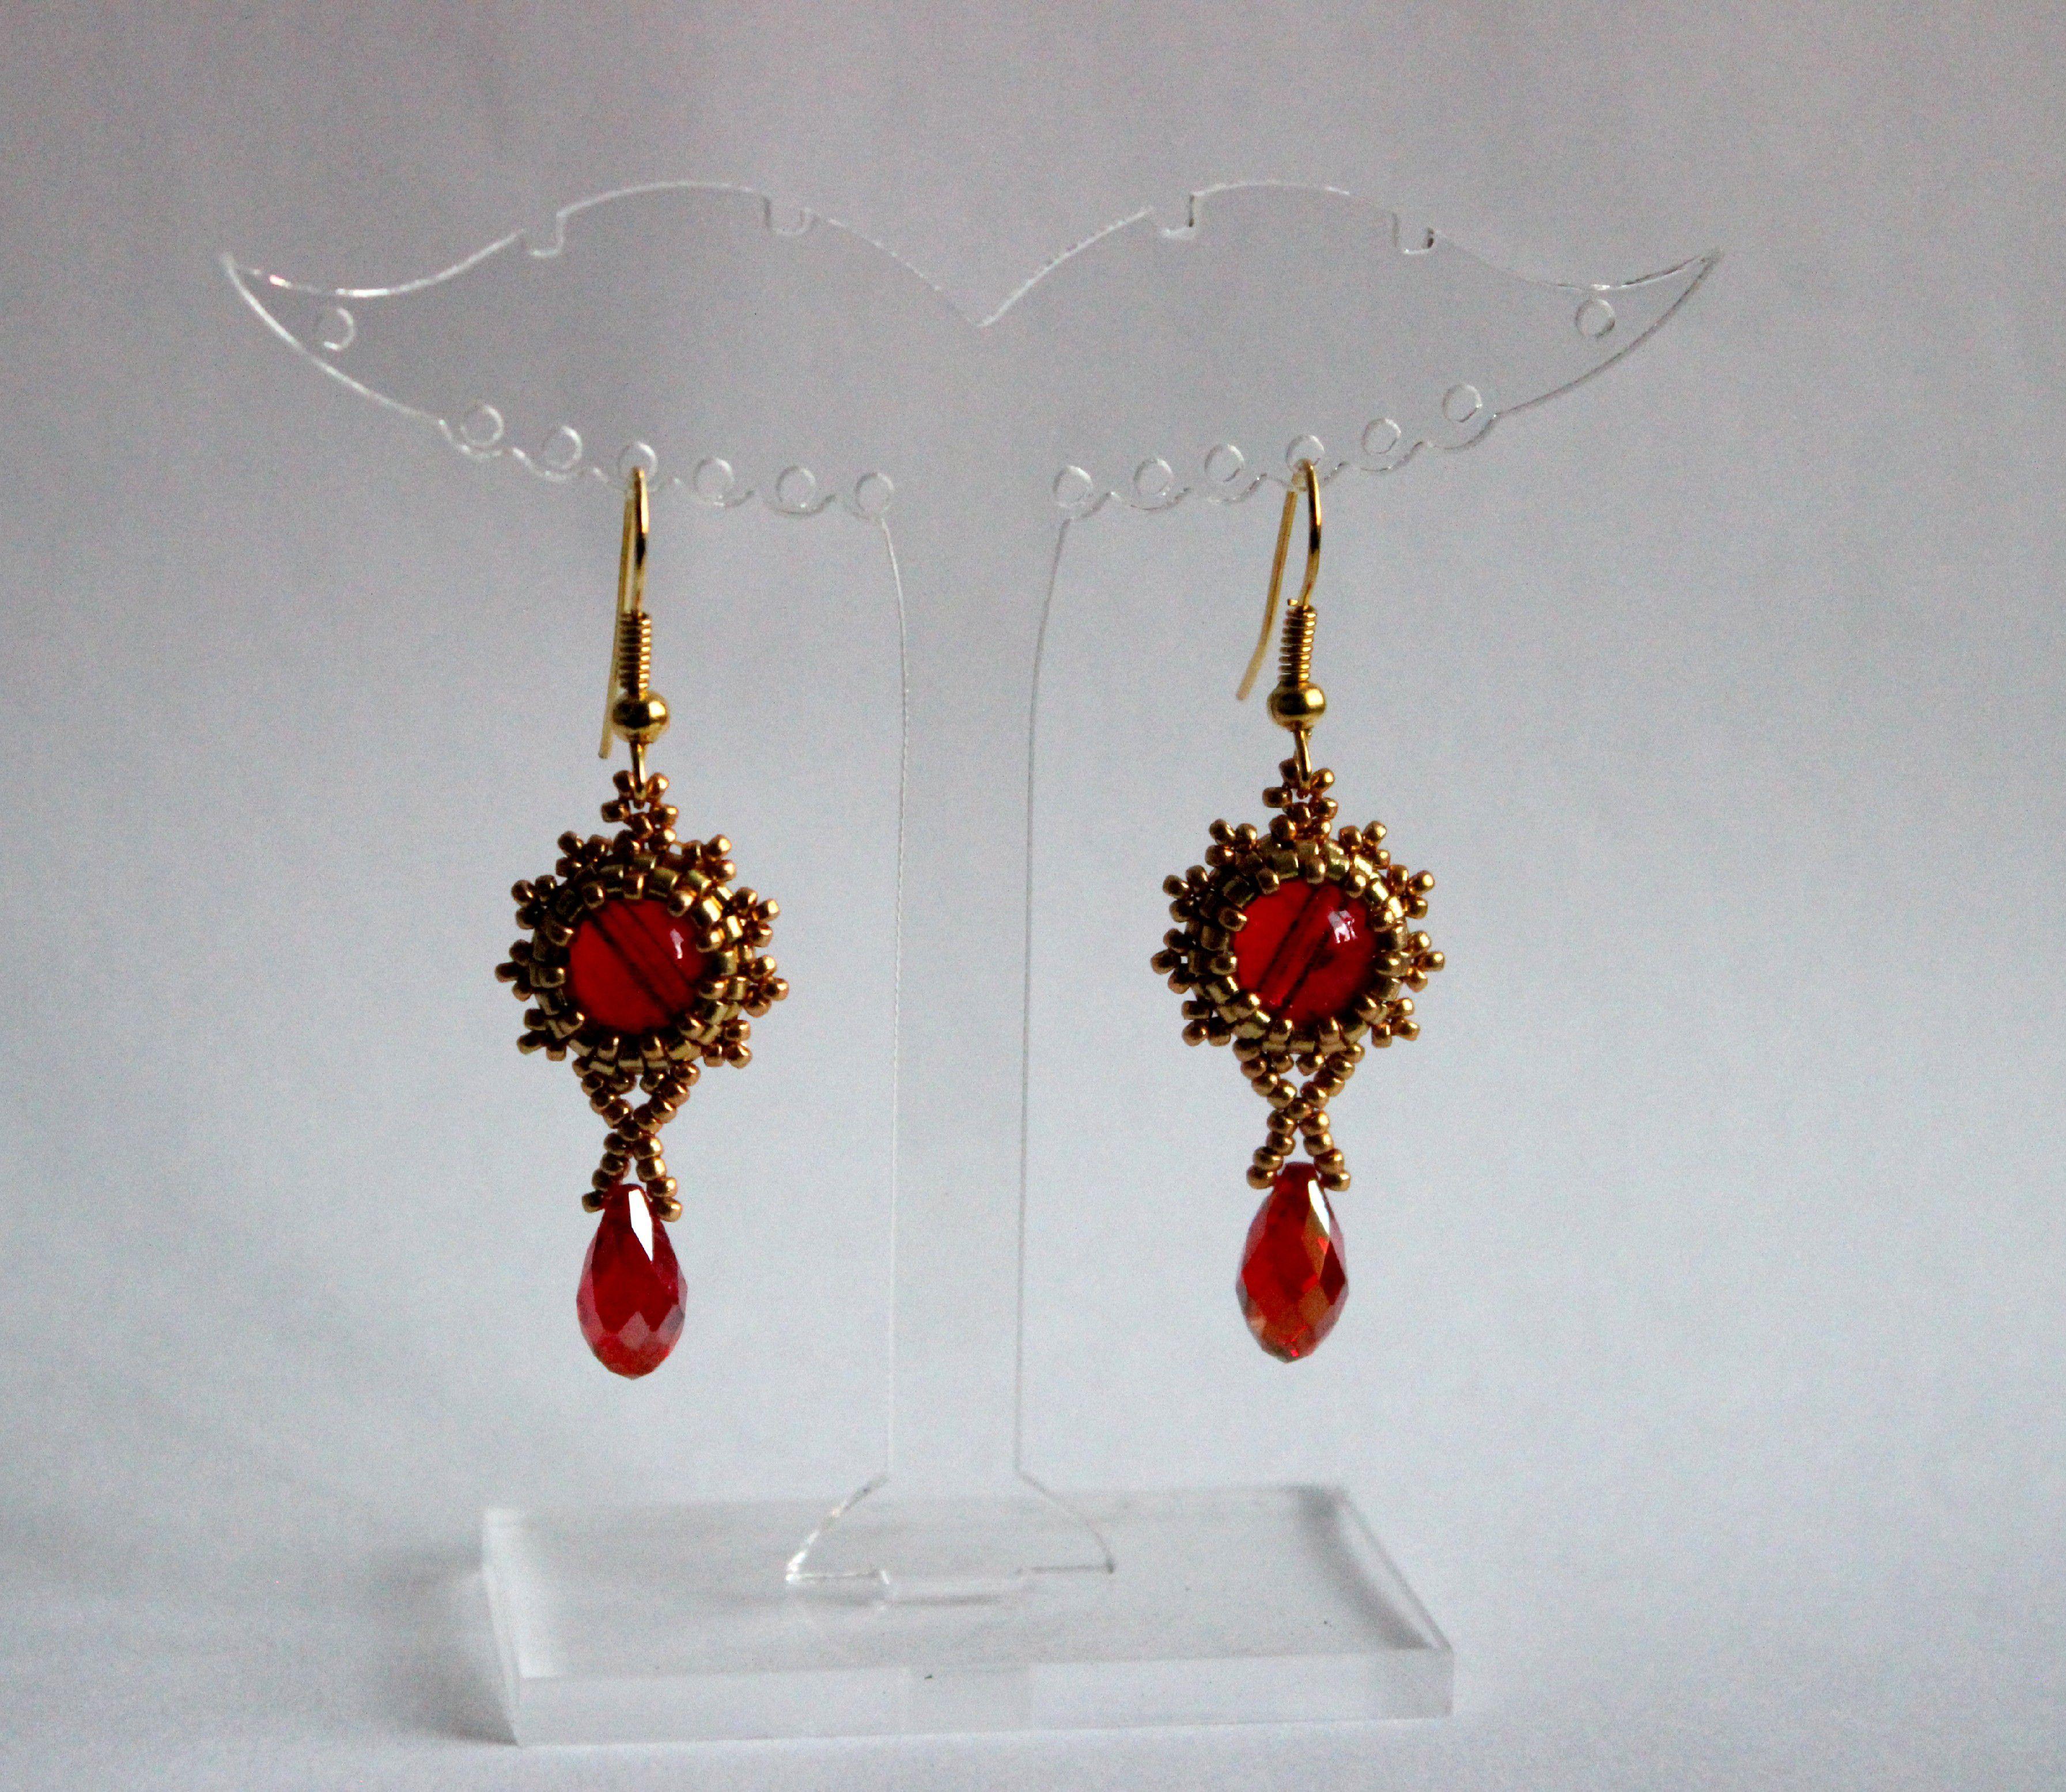 бисер серьги бисероплетение золотой бусины красный украшения бижутерия